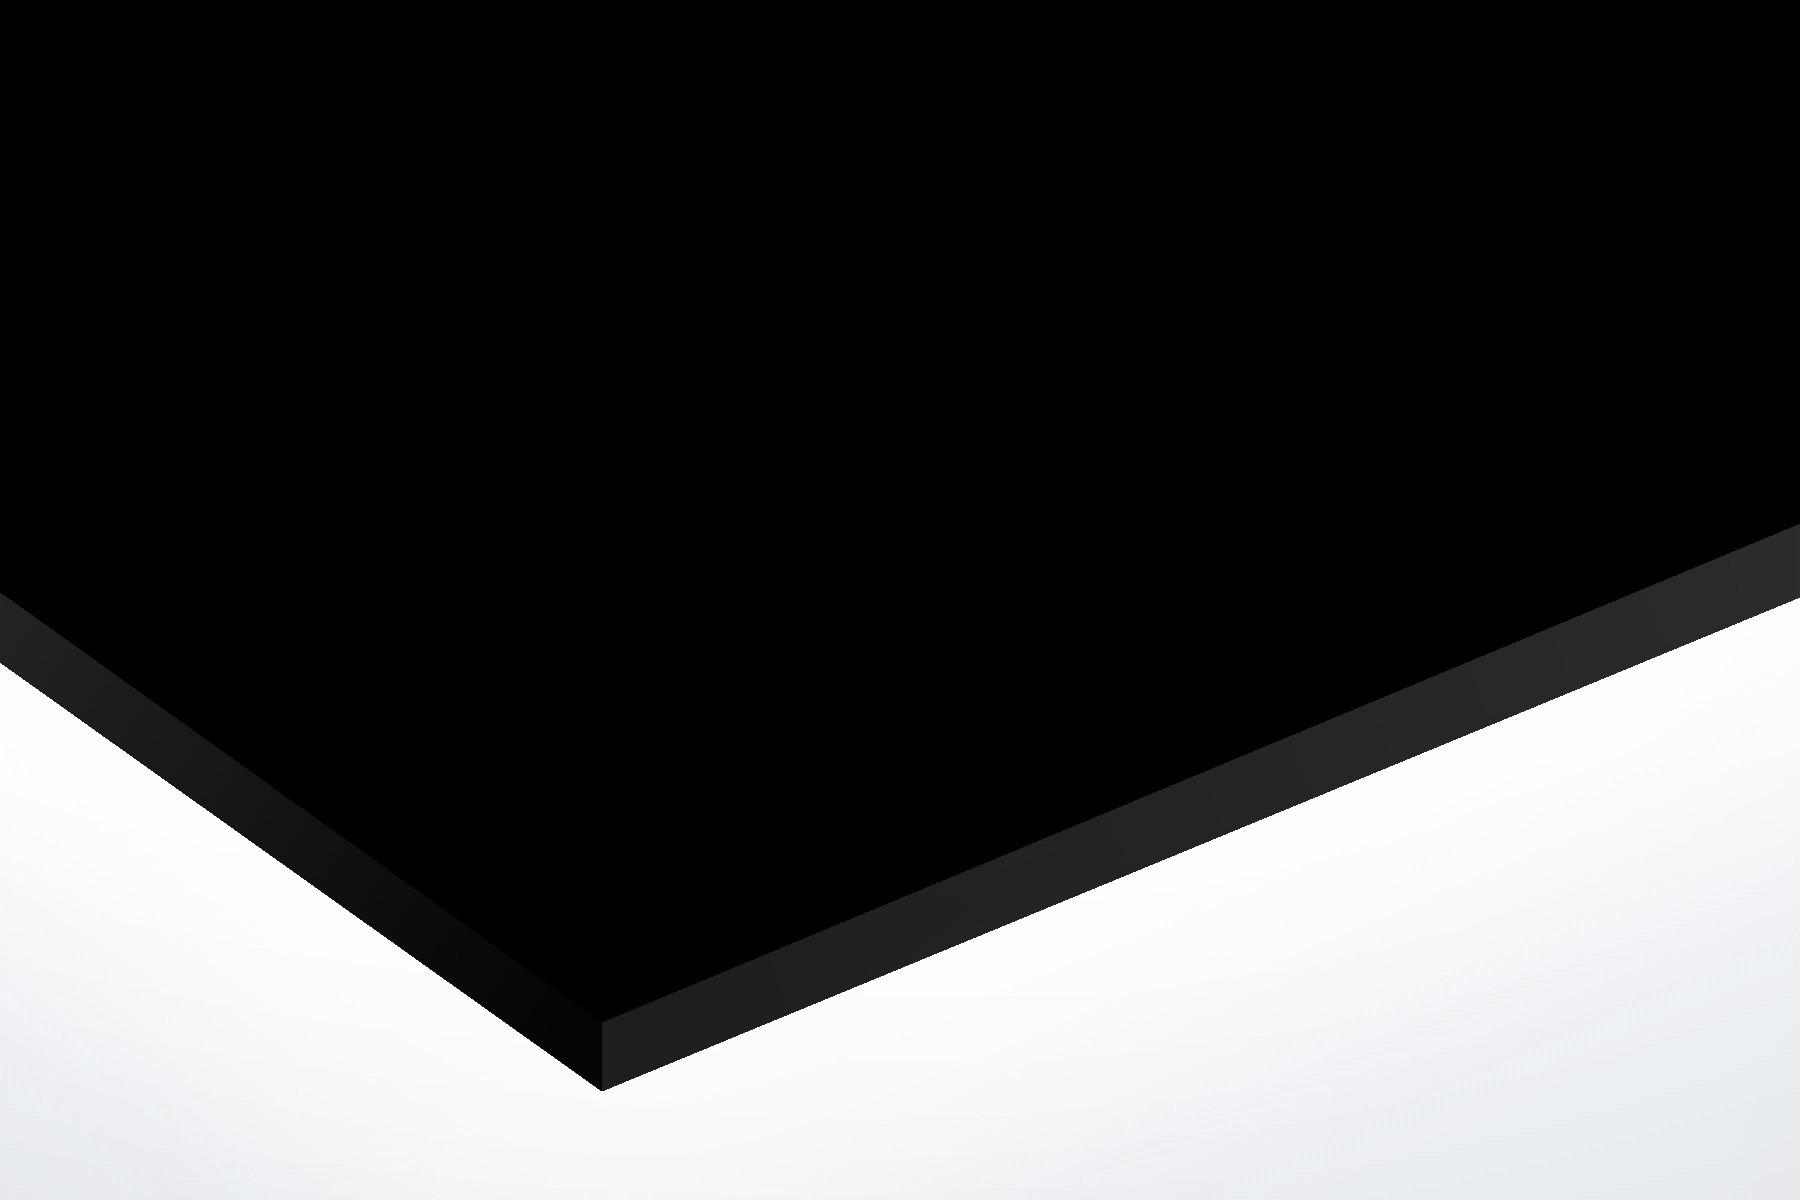 301/15/2097 Alu mat Noir 1,5mm